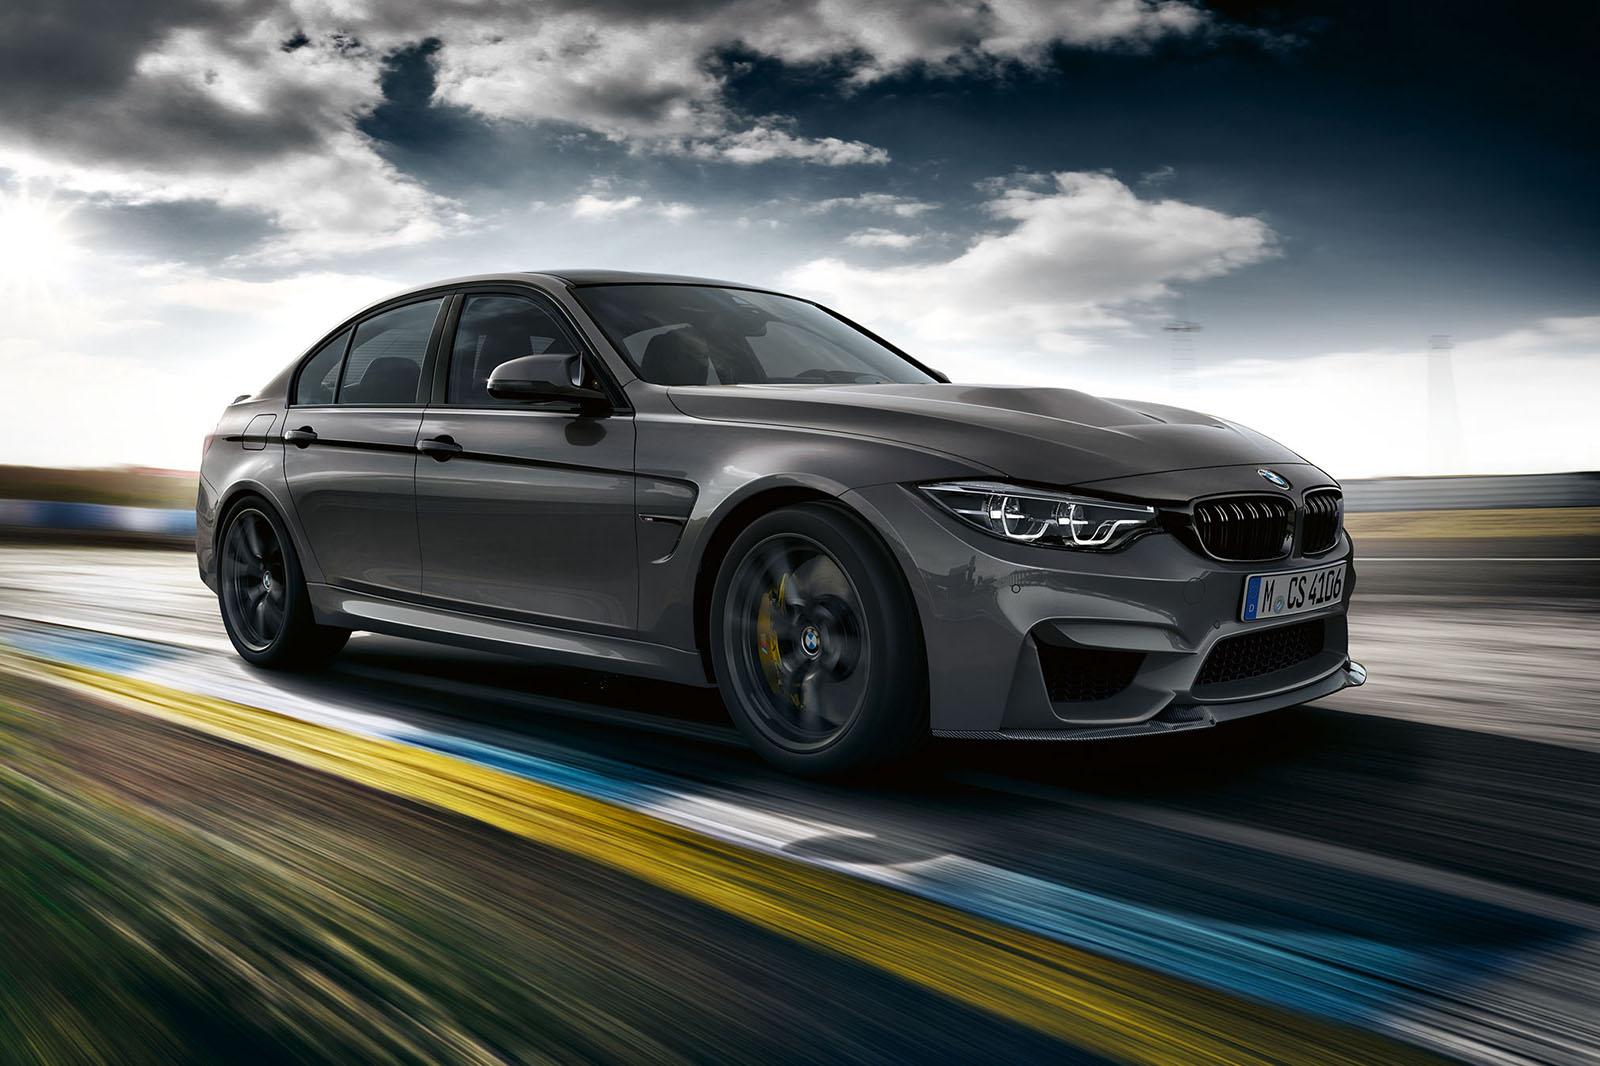 Hardcore BMW M3 CS показал